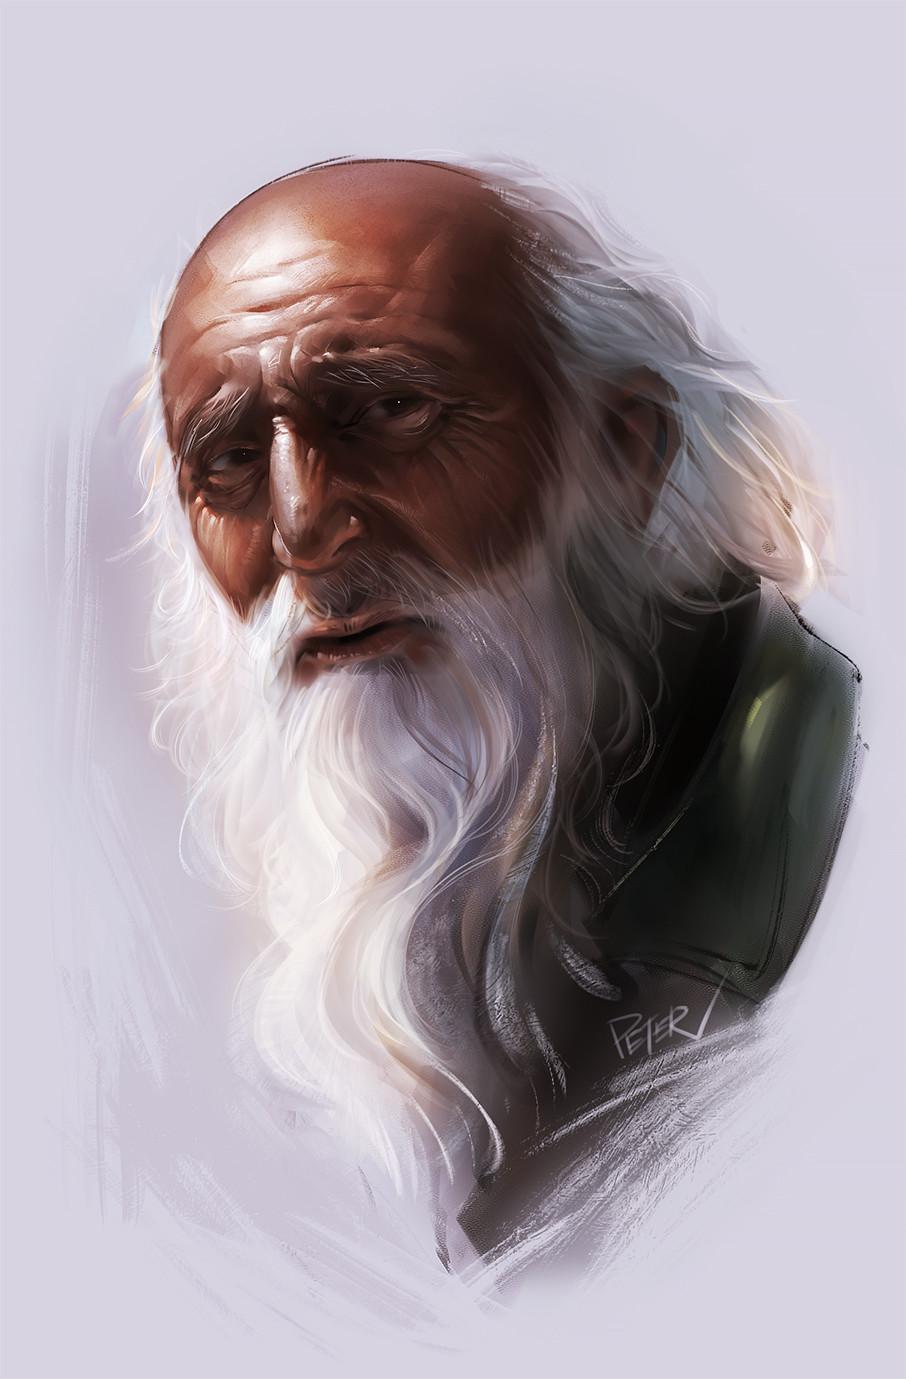 Peter xiao 606